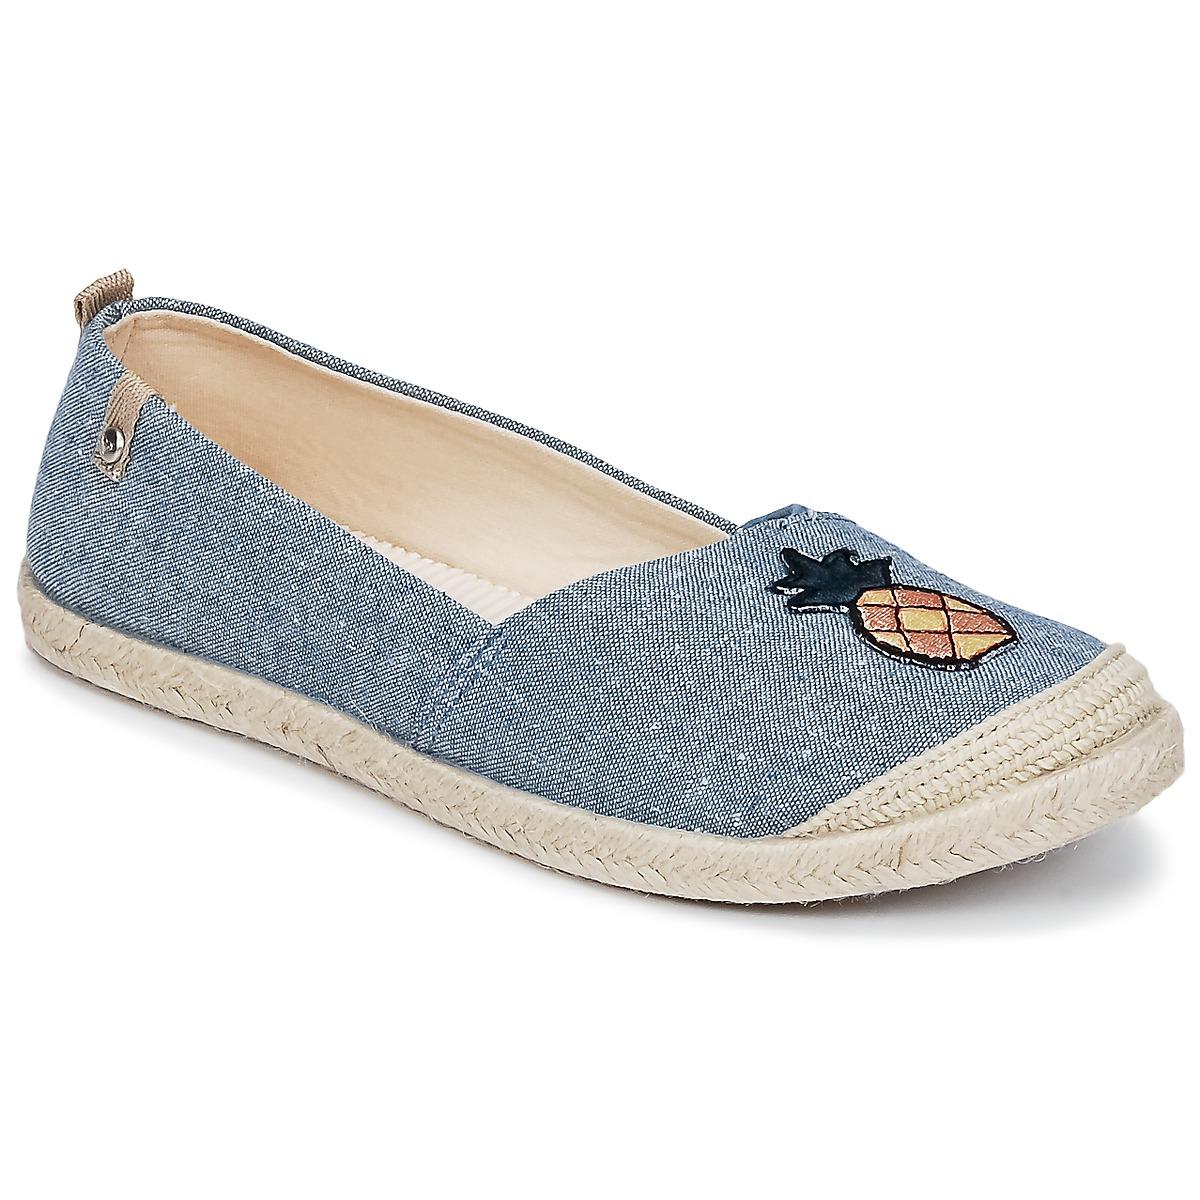 Roxy FLORA II J SHOE CHY Blau - Kostenloser Versand bei Spartoode ! - Schuhe Leinen-Pantoletten mit gefloch Damen 39,99 €